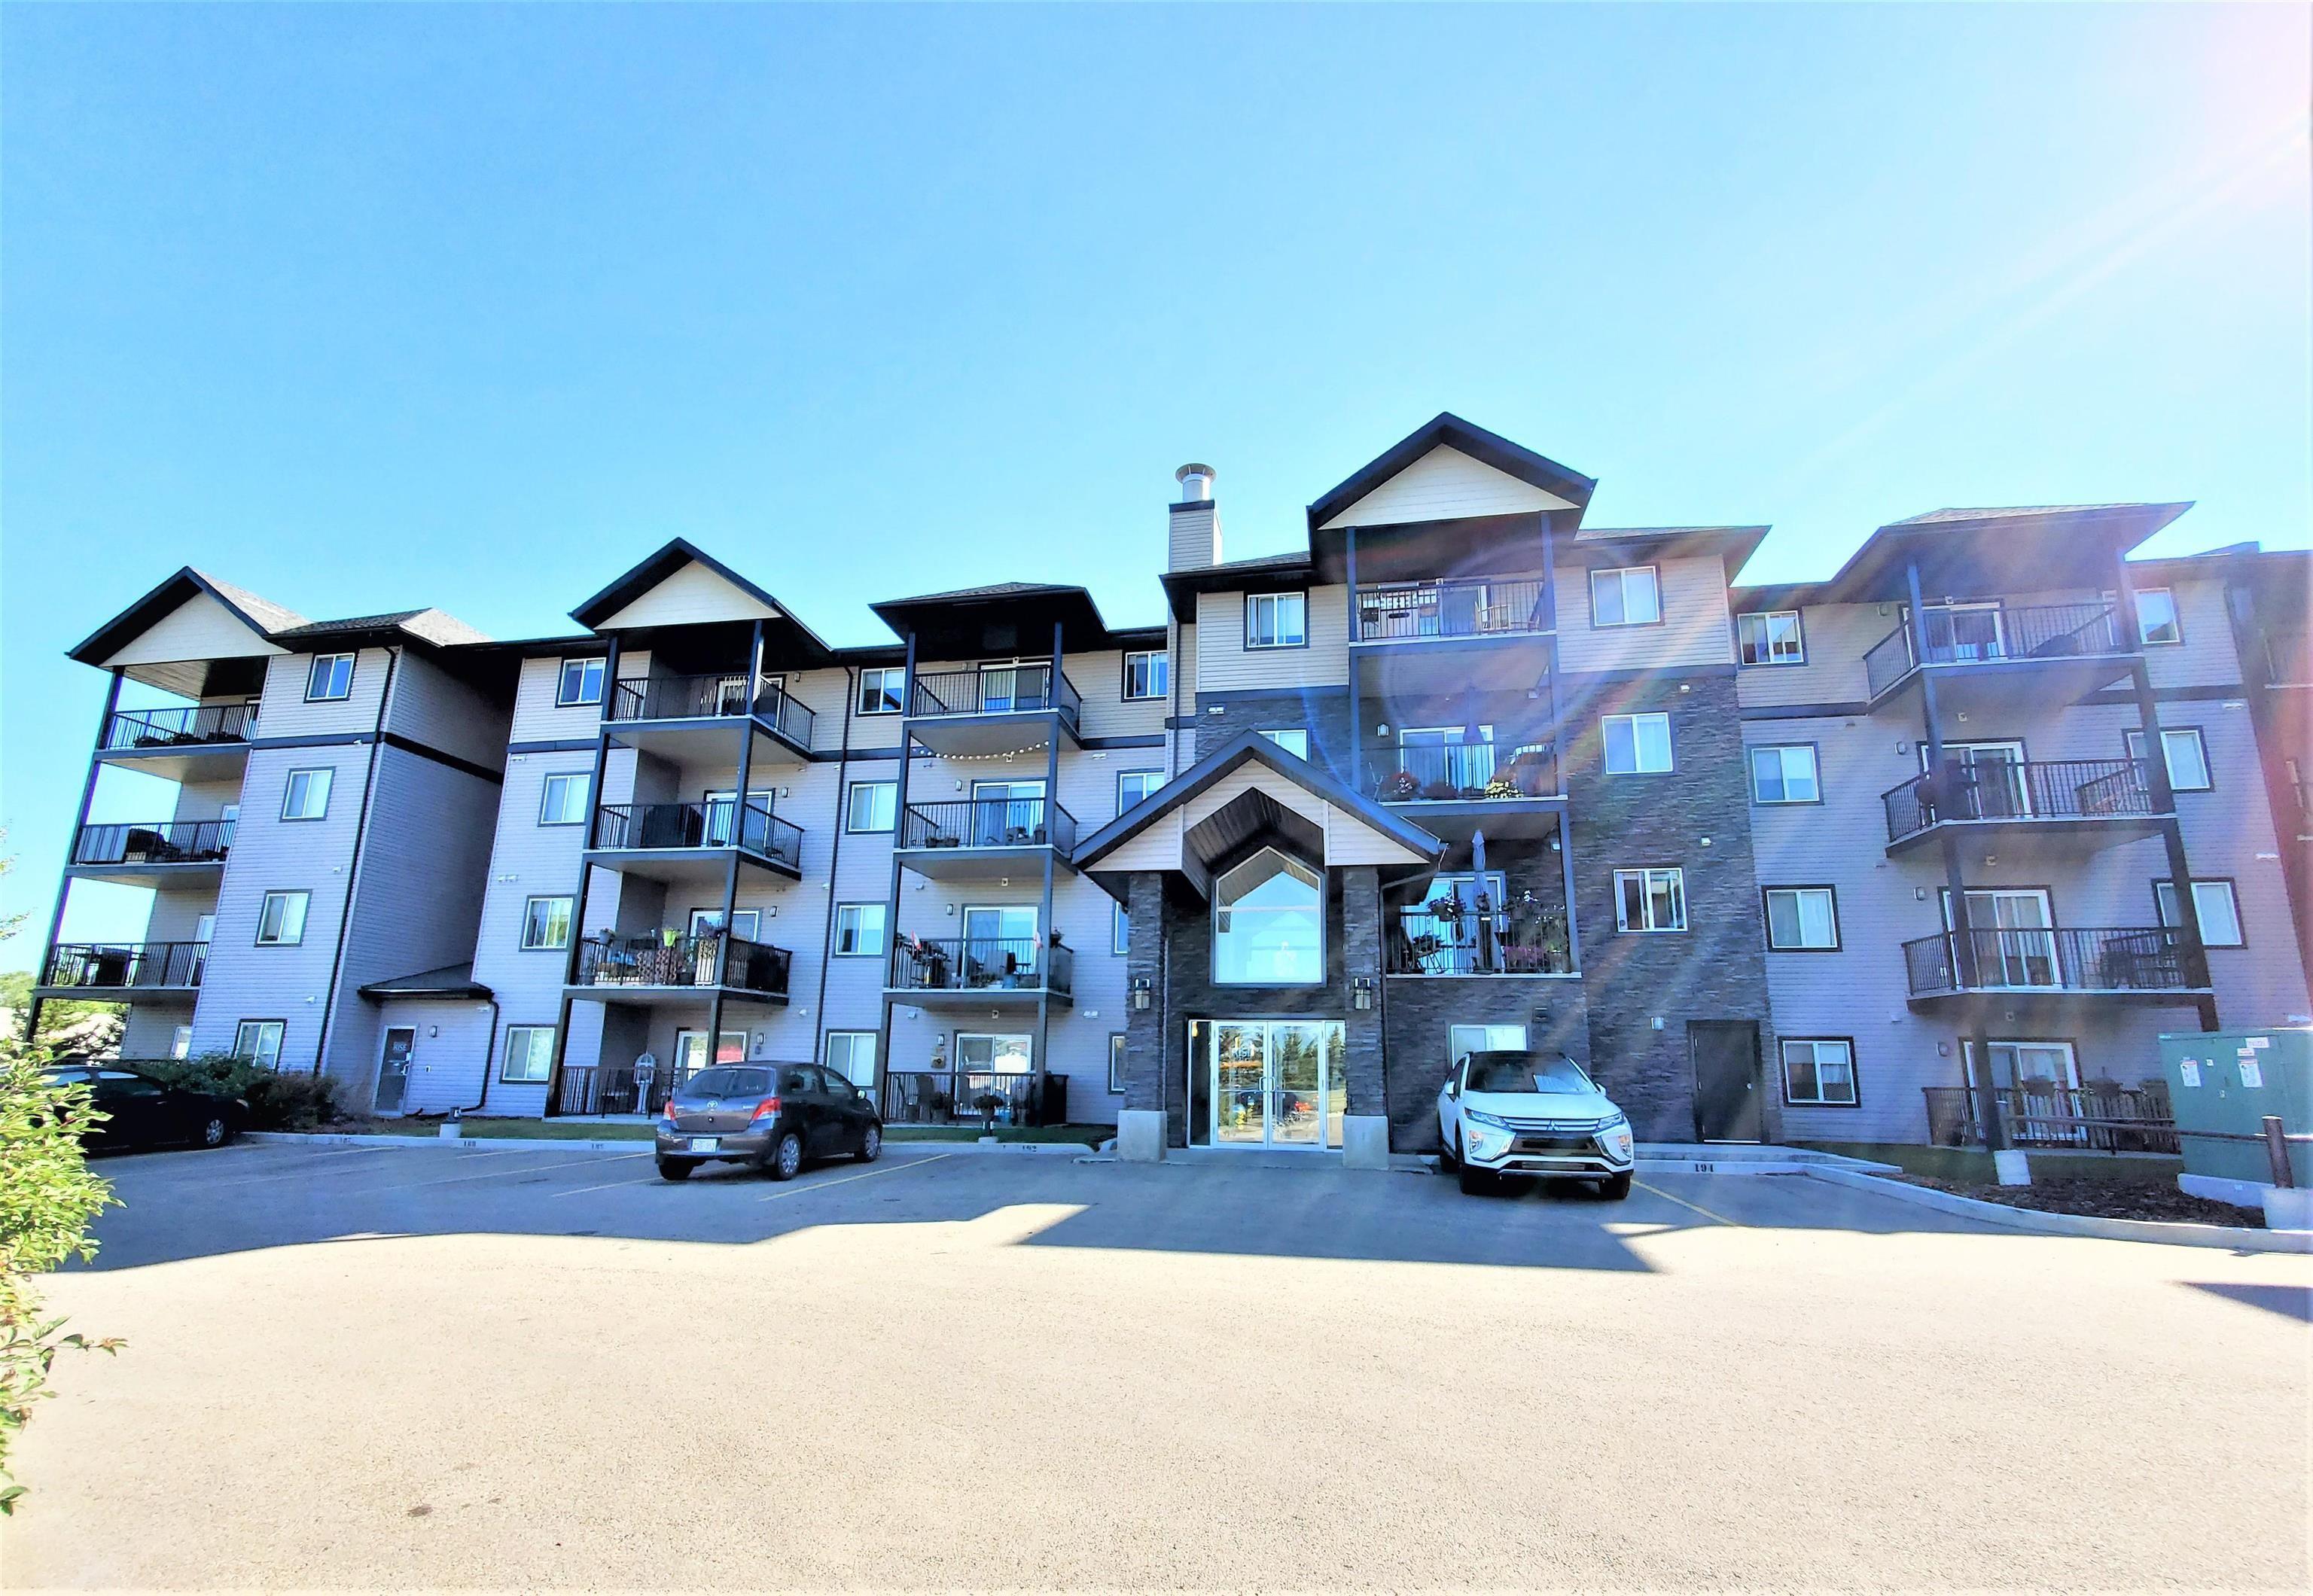 Main Photo: 423 14808 125 Street in Edmonton: Zone 27 Condo for sale : MLS®# E4261921